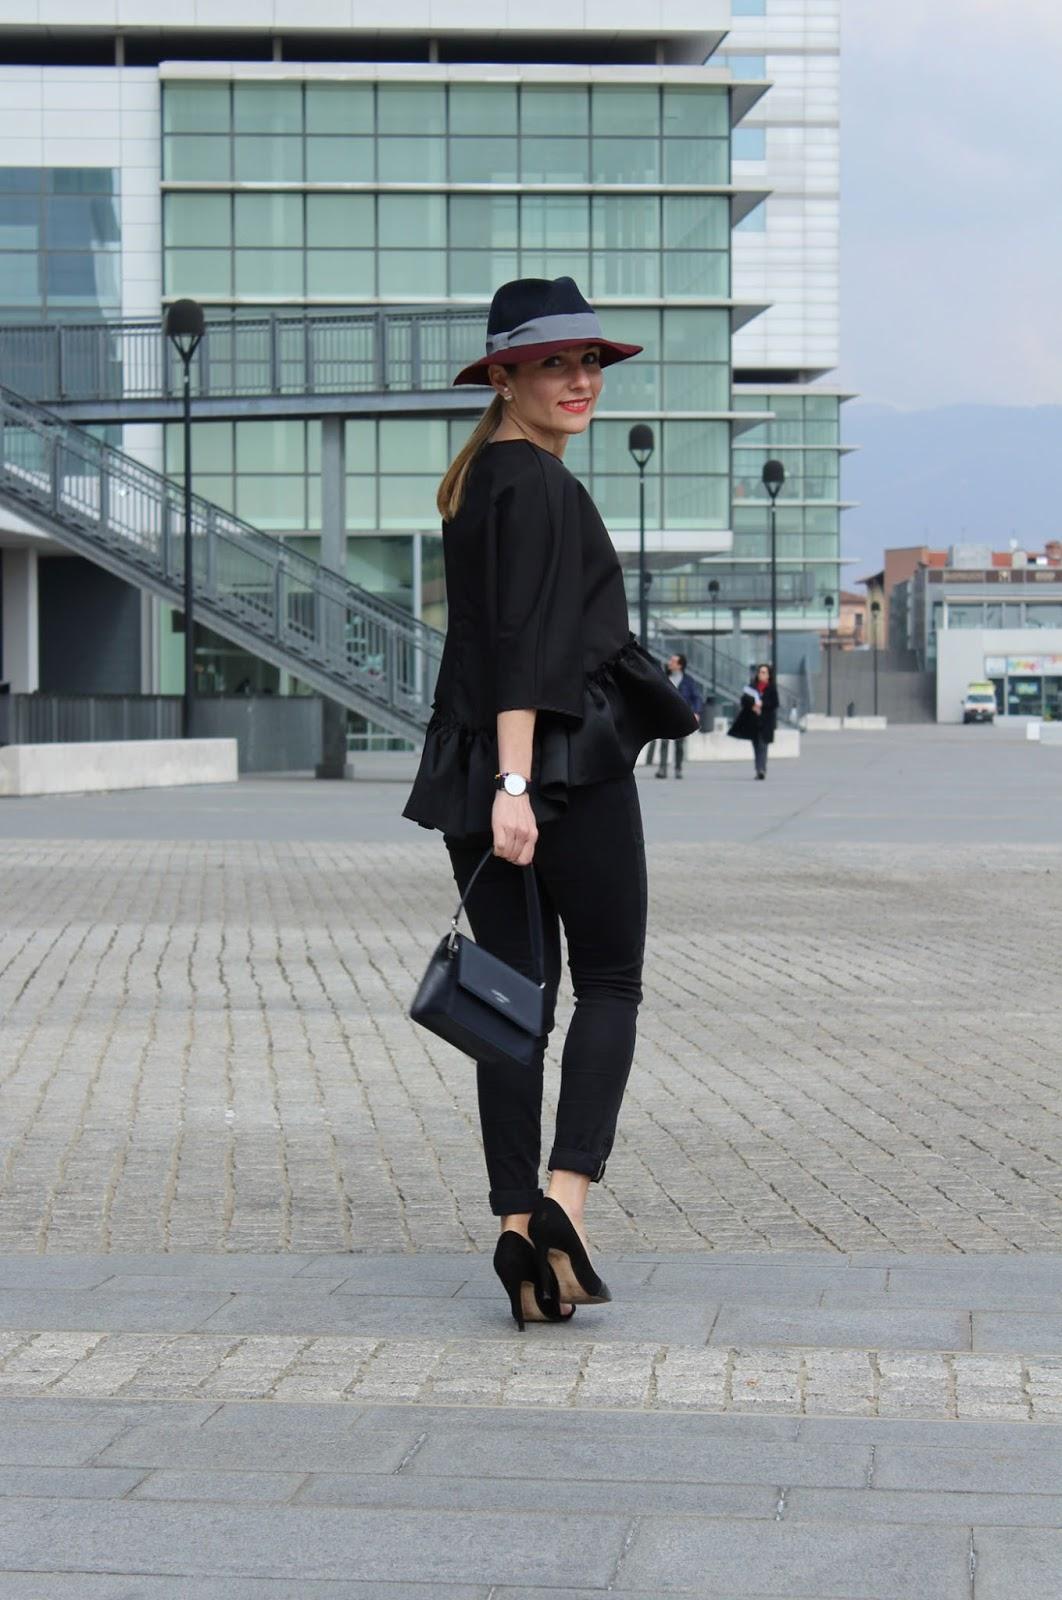 Eniwhere Fashion - Totally black